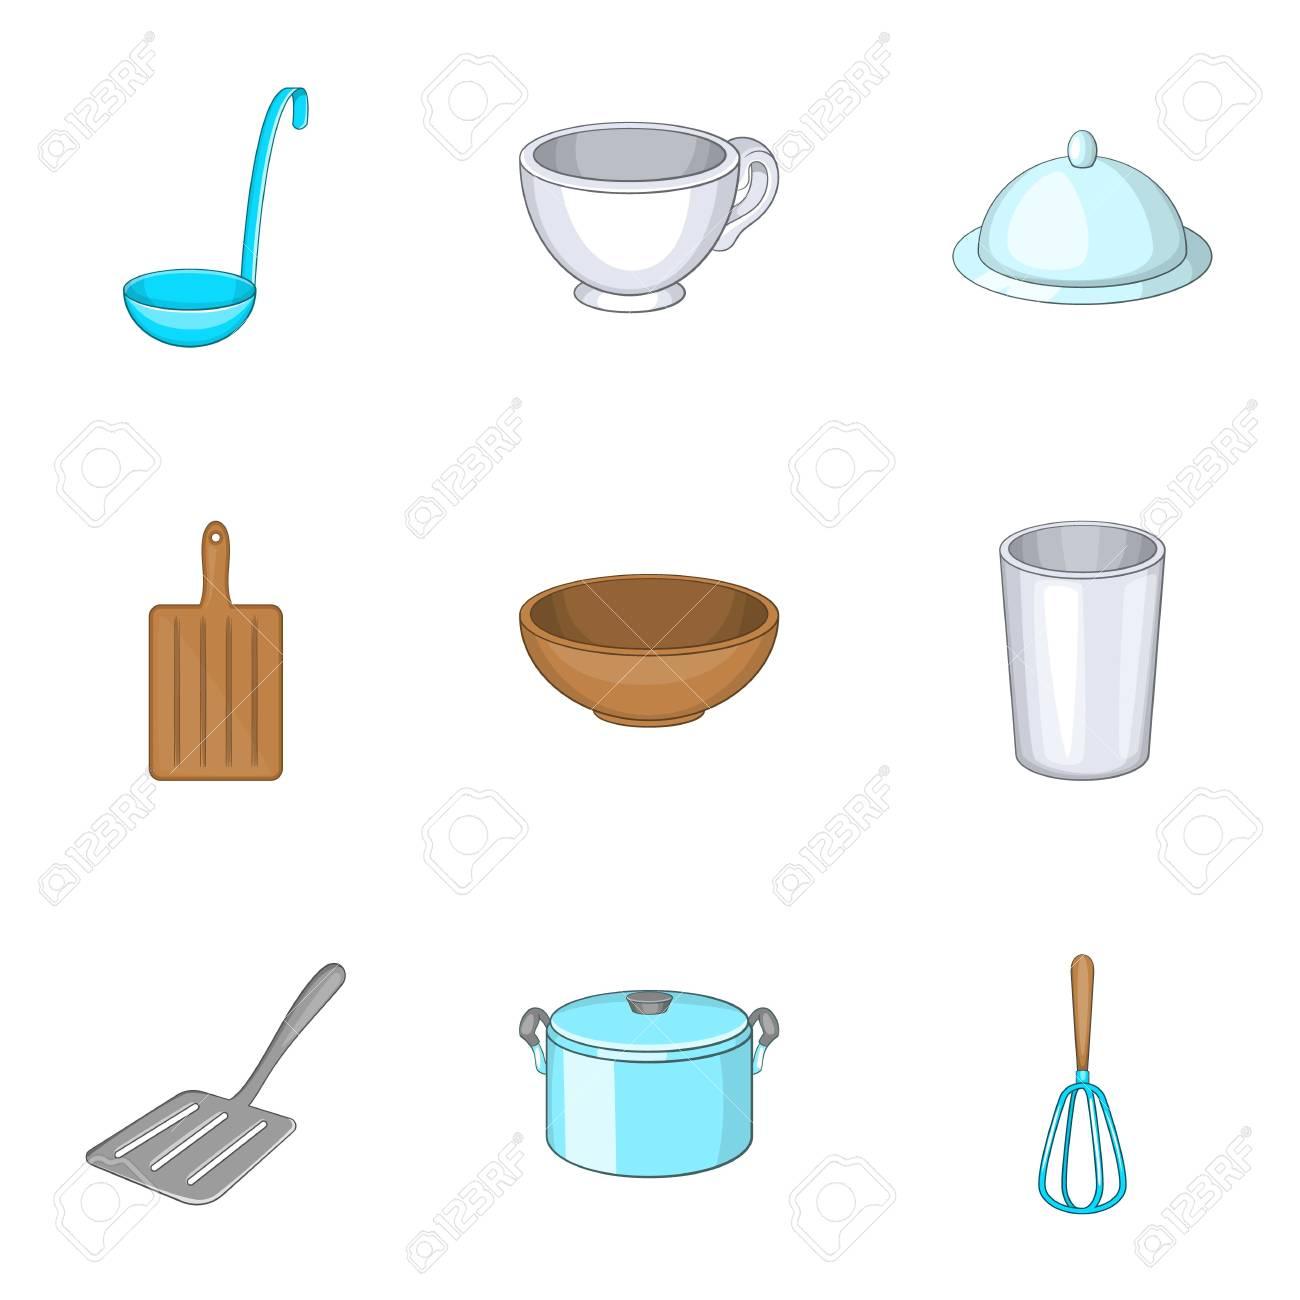 Iconos Conjunto De Utensilios De Cocina Ilustracion De Dibujos